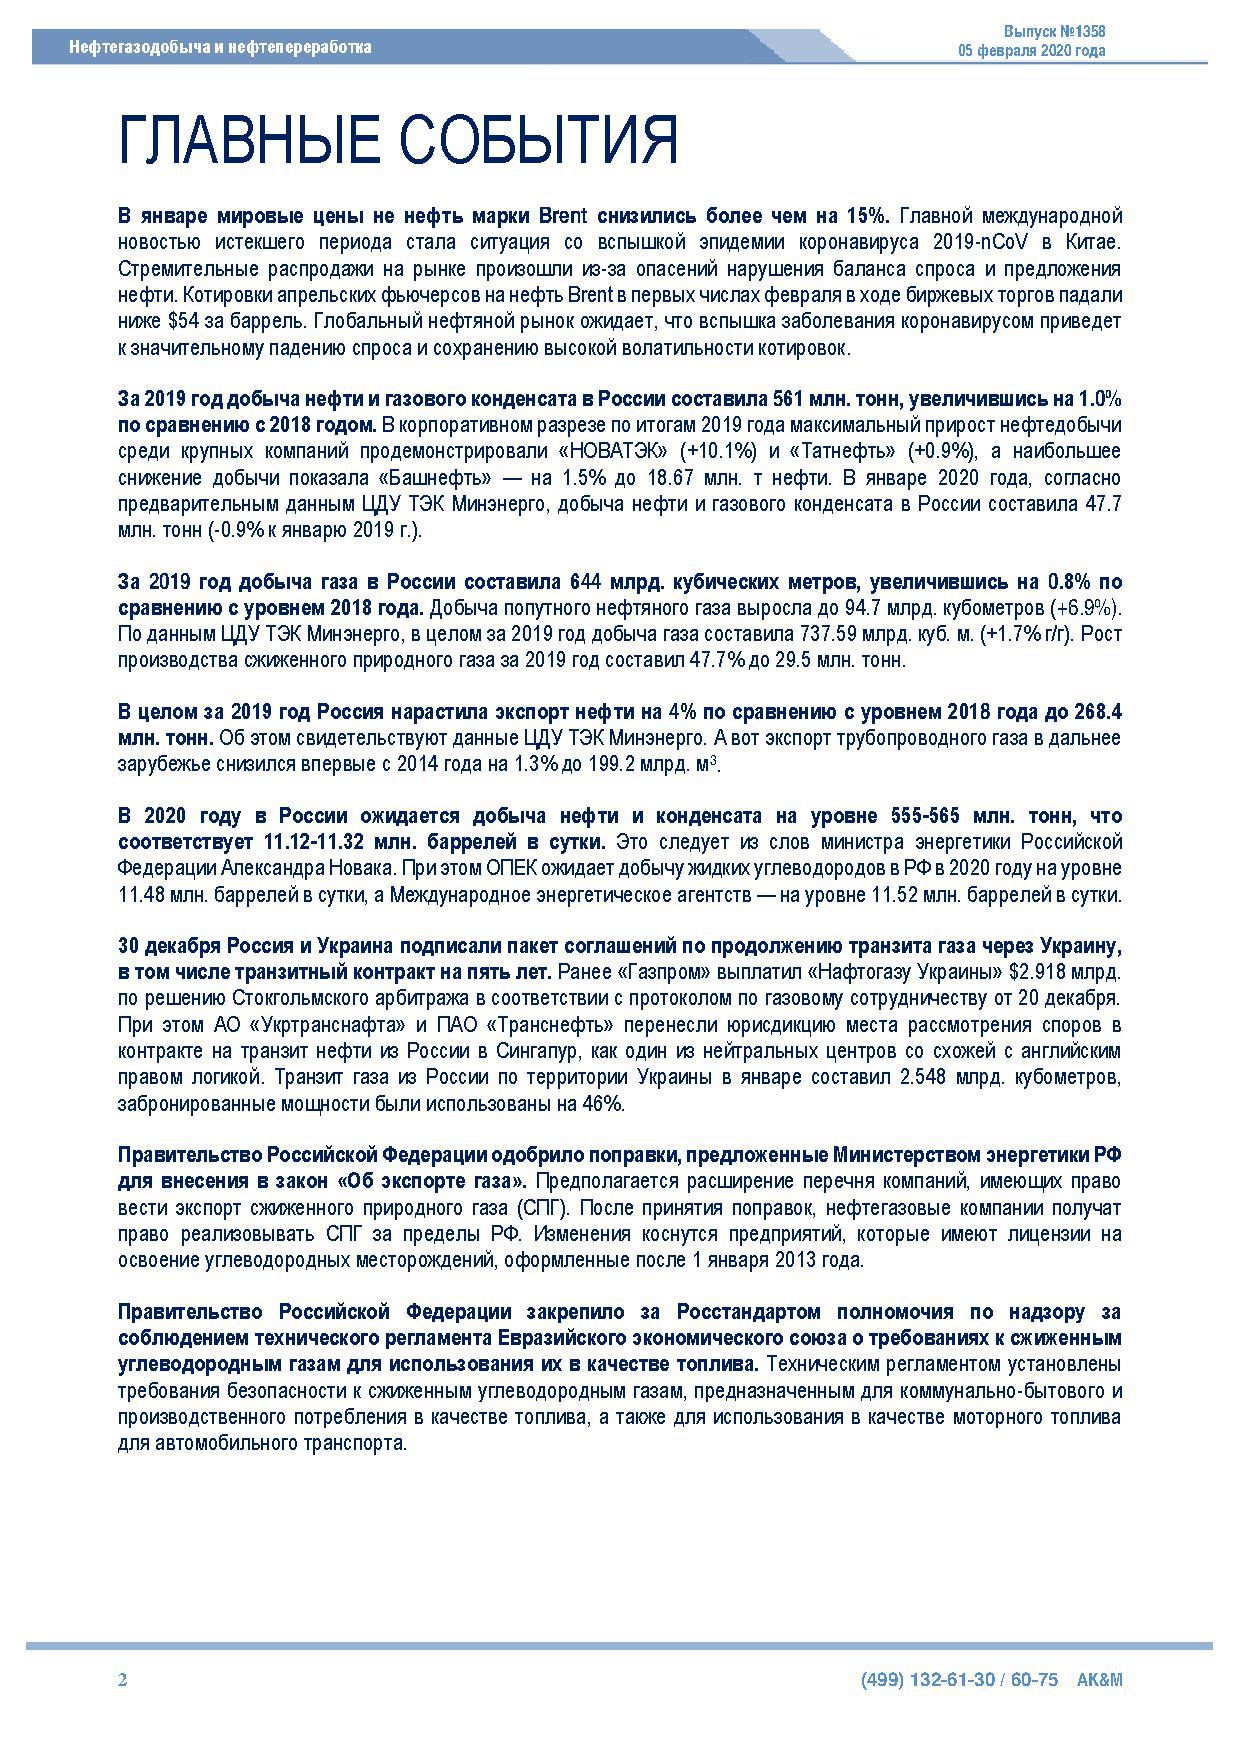 №1358 Нефтегазодобыча и нефтепереработка